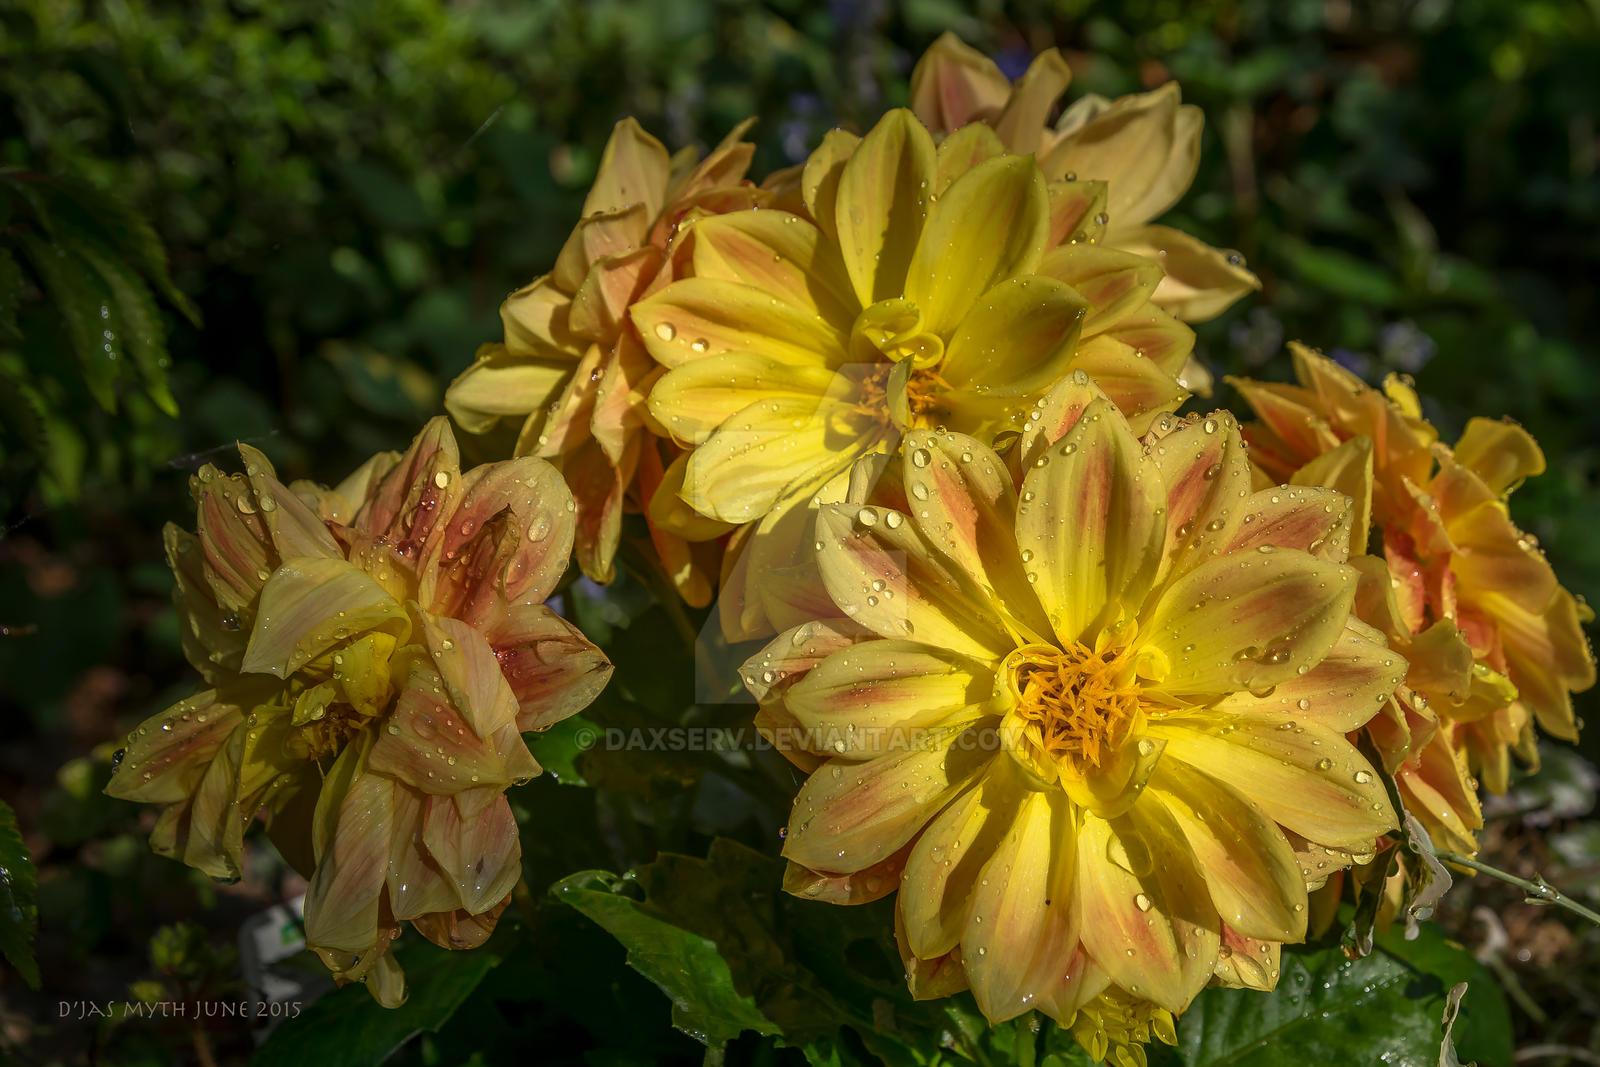 patio dahlia flower of my english garden by daxserv on